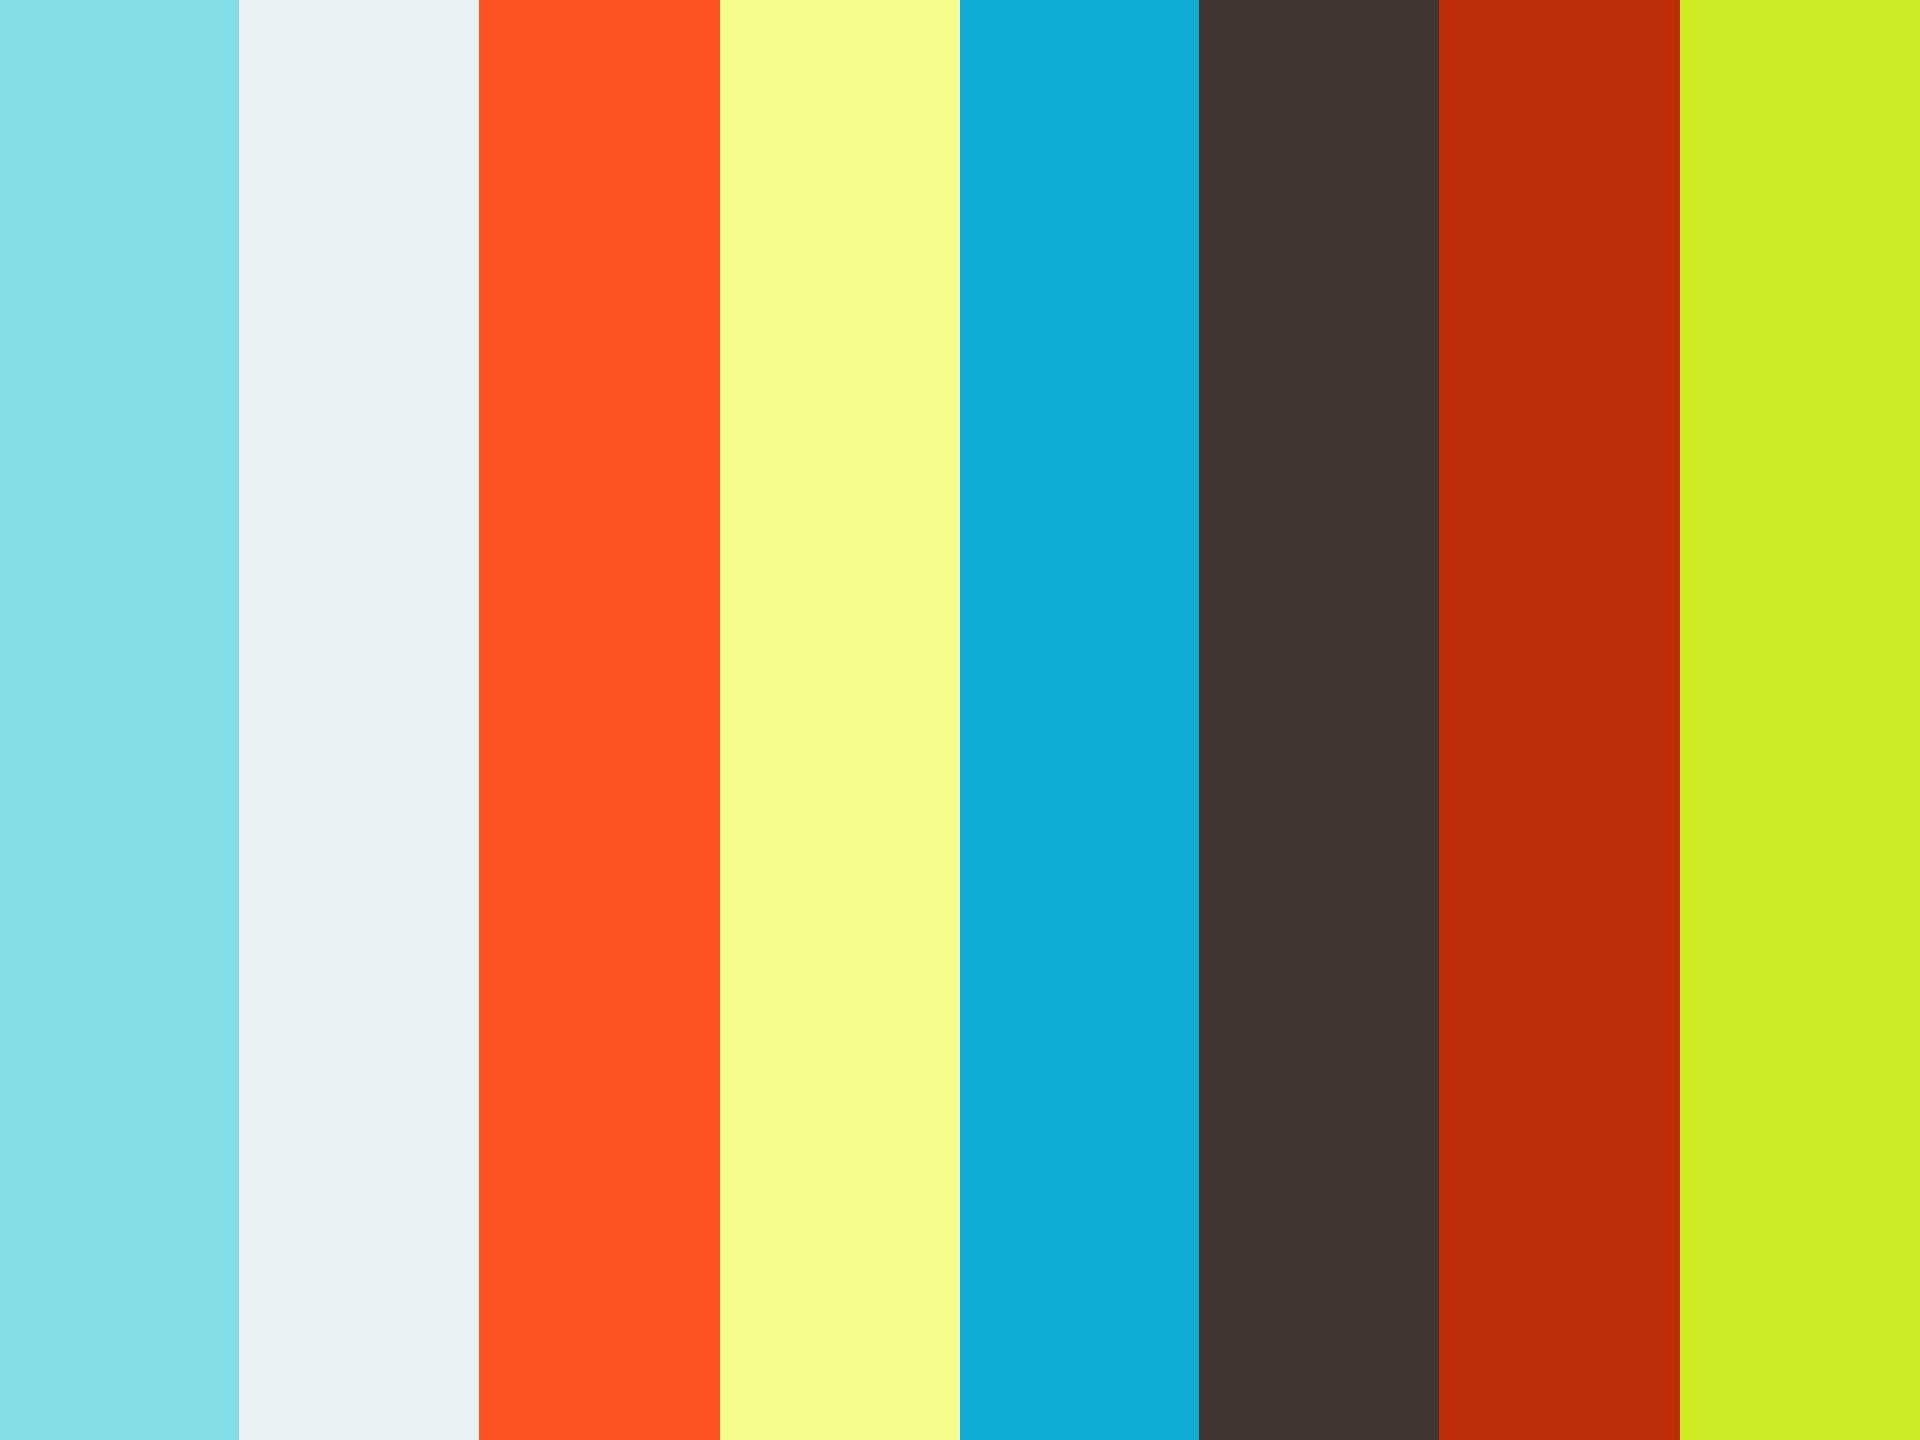 CHEVROLET IMPALA - BLACK - 2018